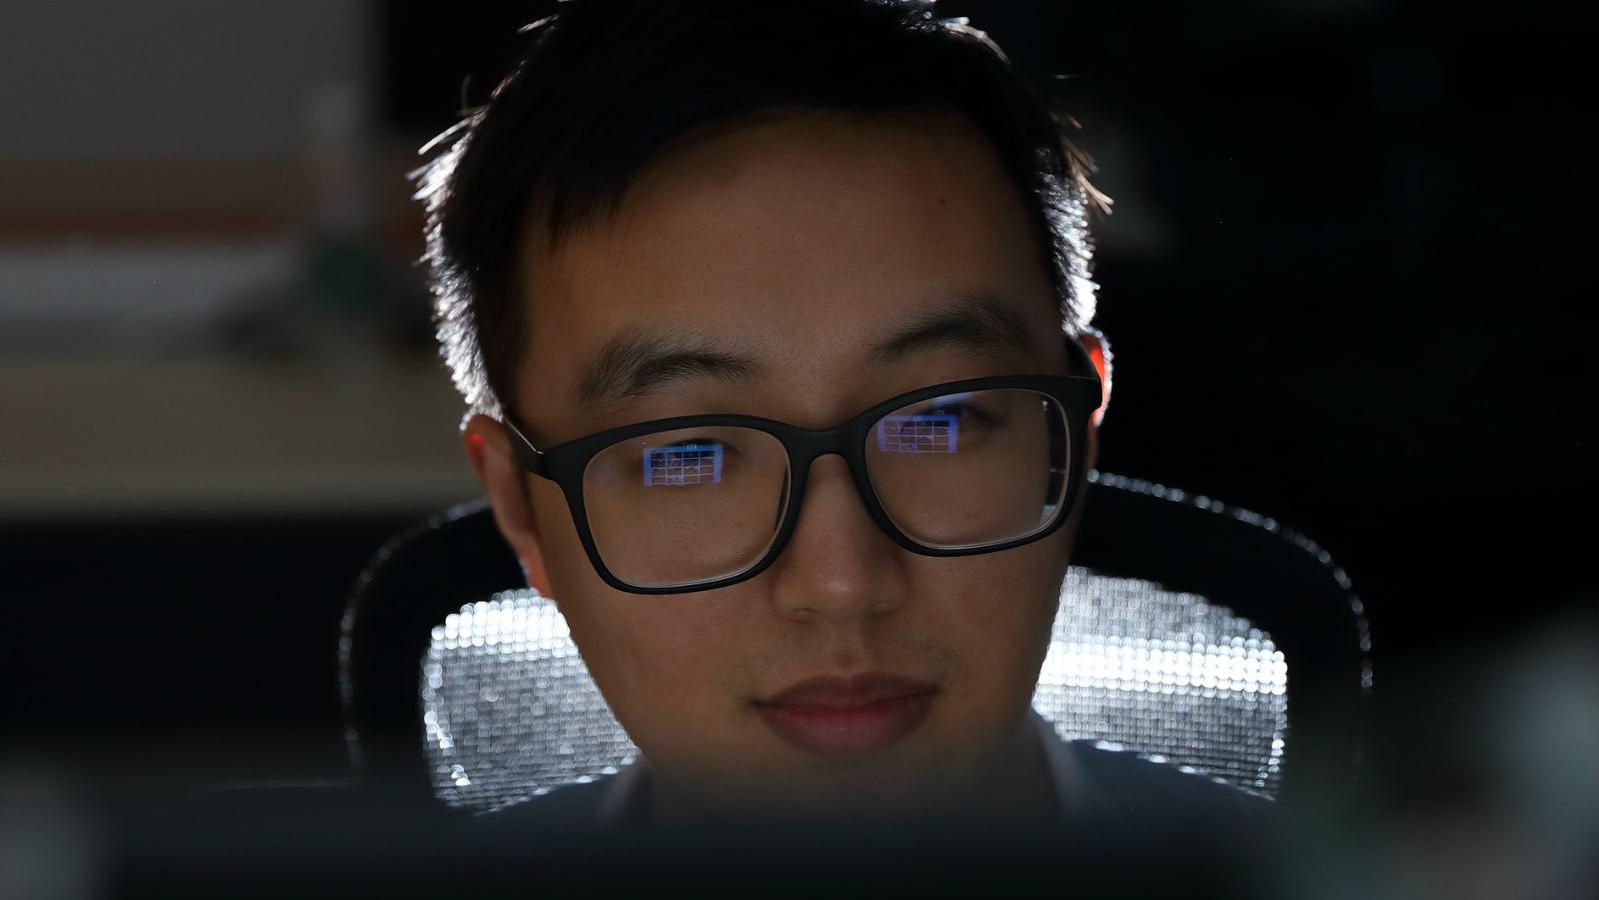 """高冷IT男标注图片训练机器识别""""接吻"""""""